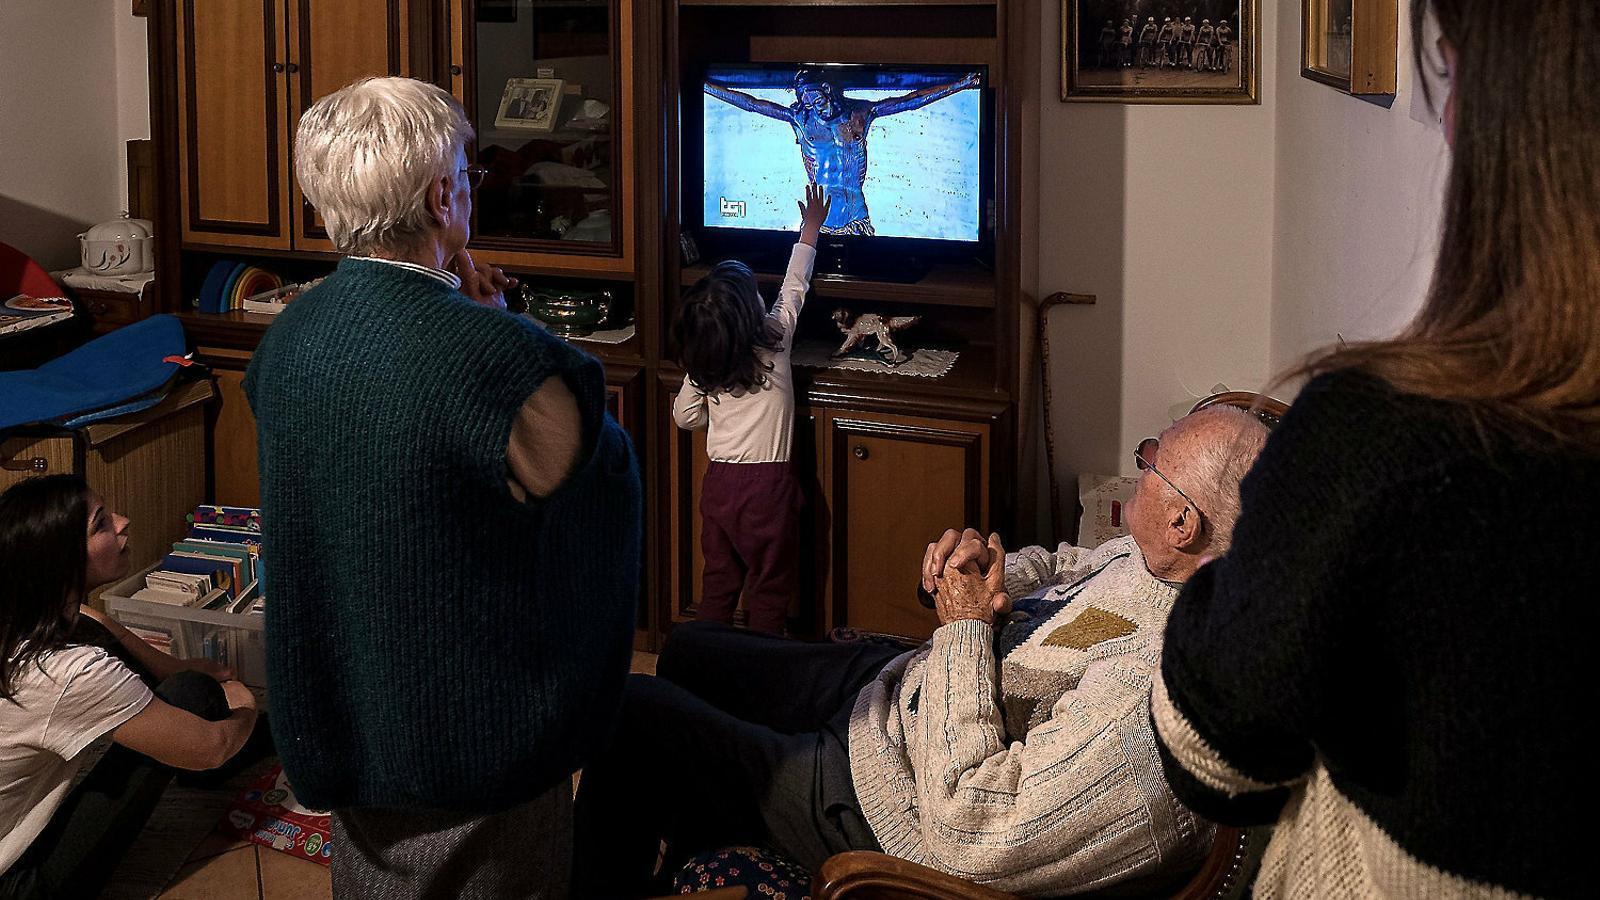 Una família italiana confinada seguint la missa del papa Francesc  per la televisió.